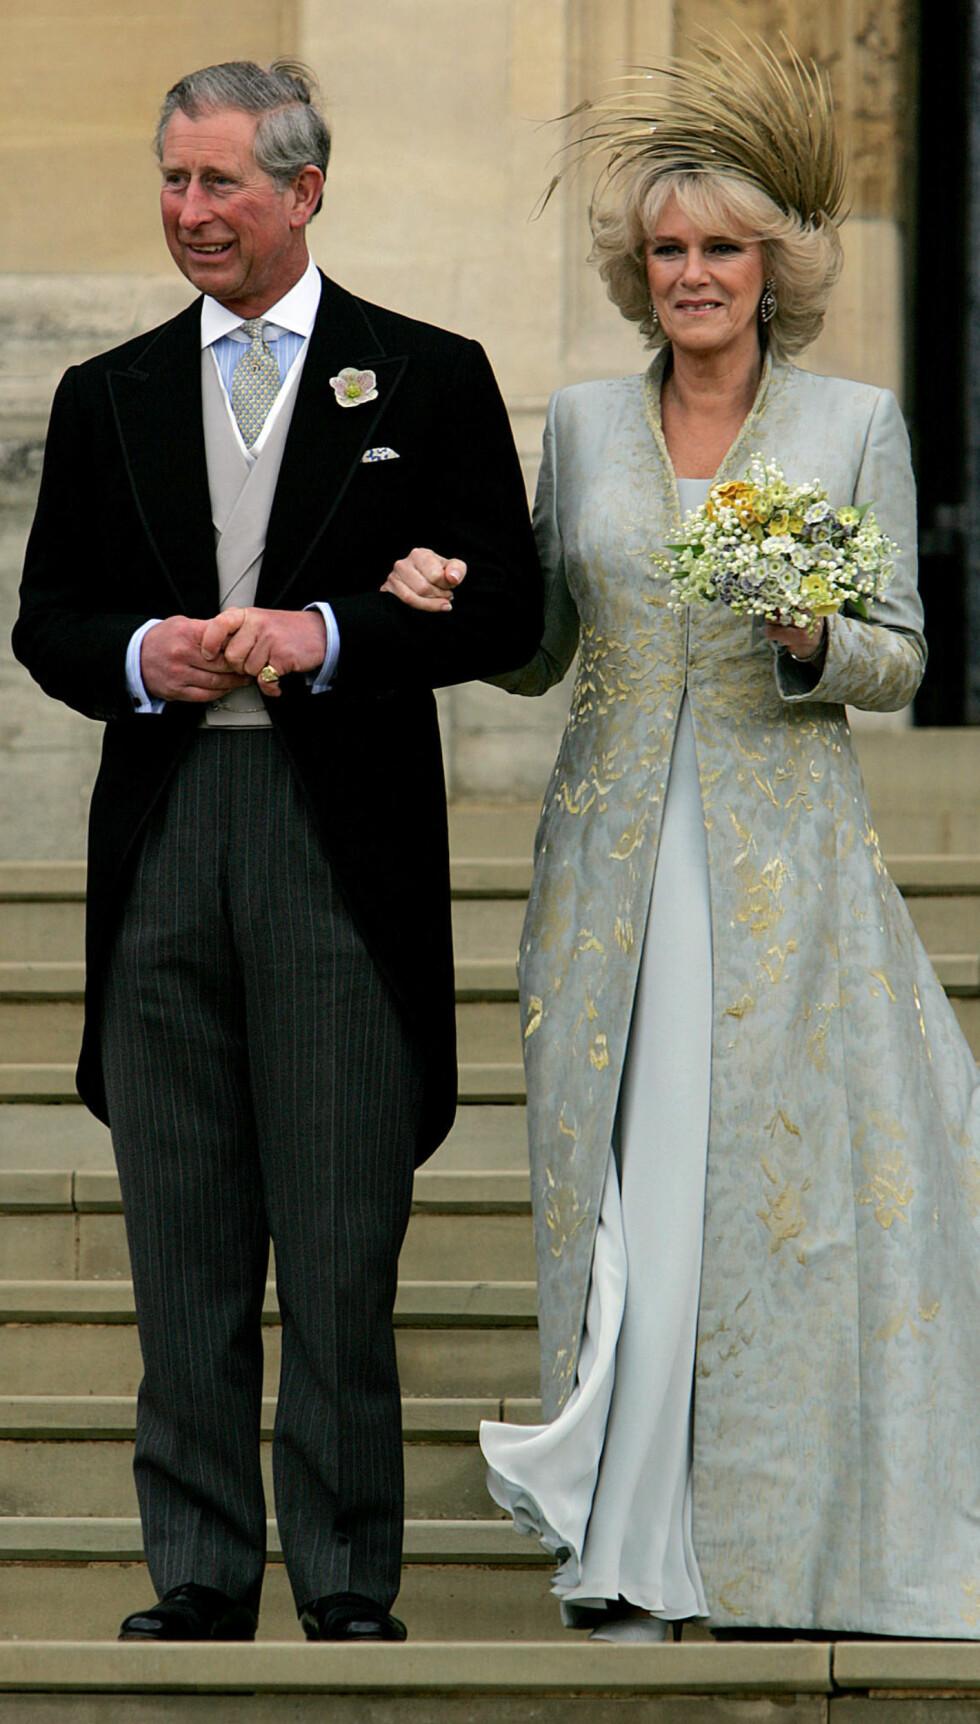 PAR I HJERTER: Prins Charles og hertuginne Camilla. Foto: NTB Scanpix